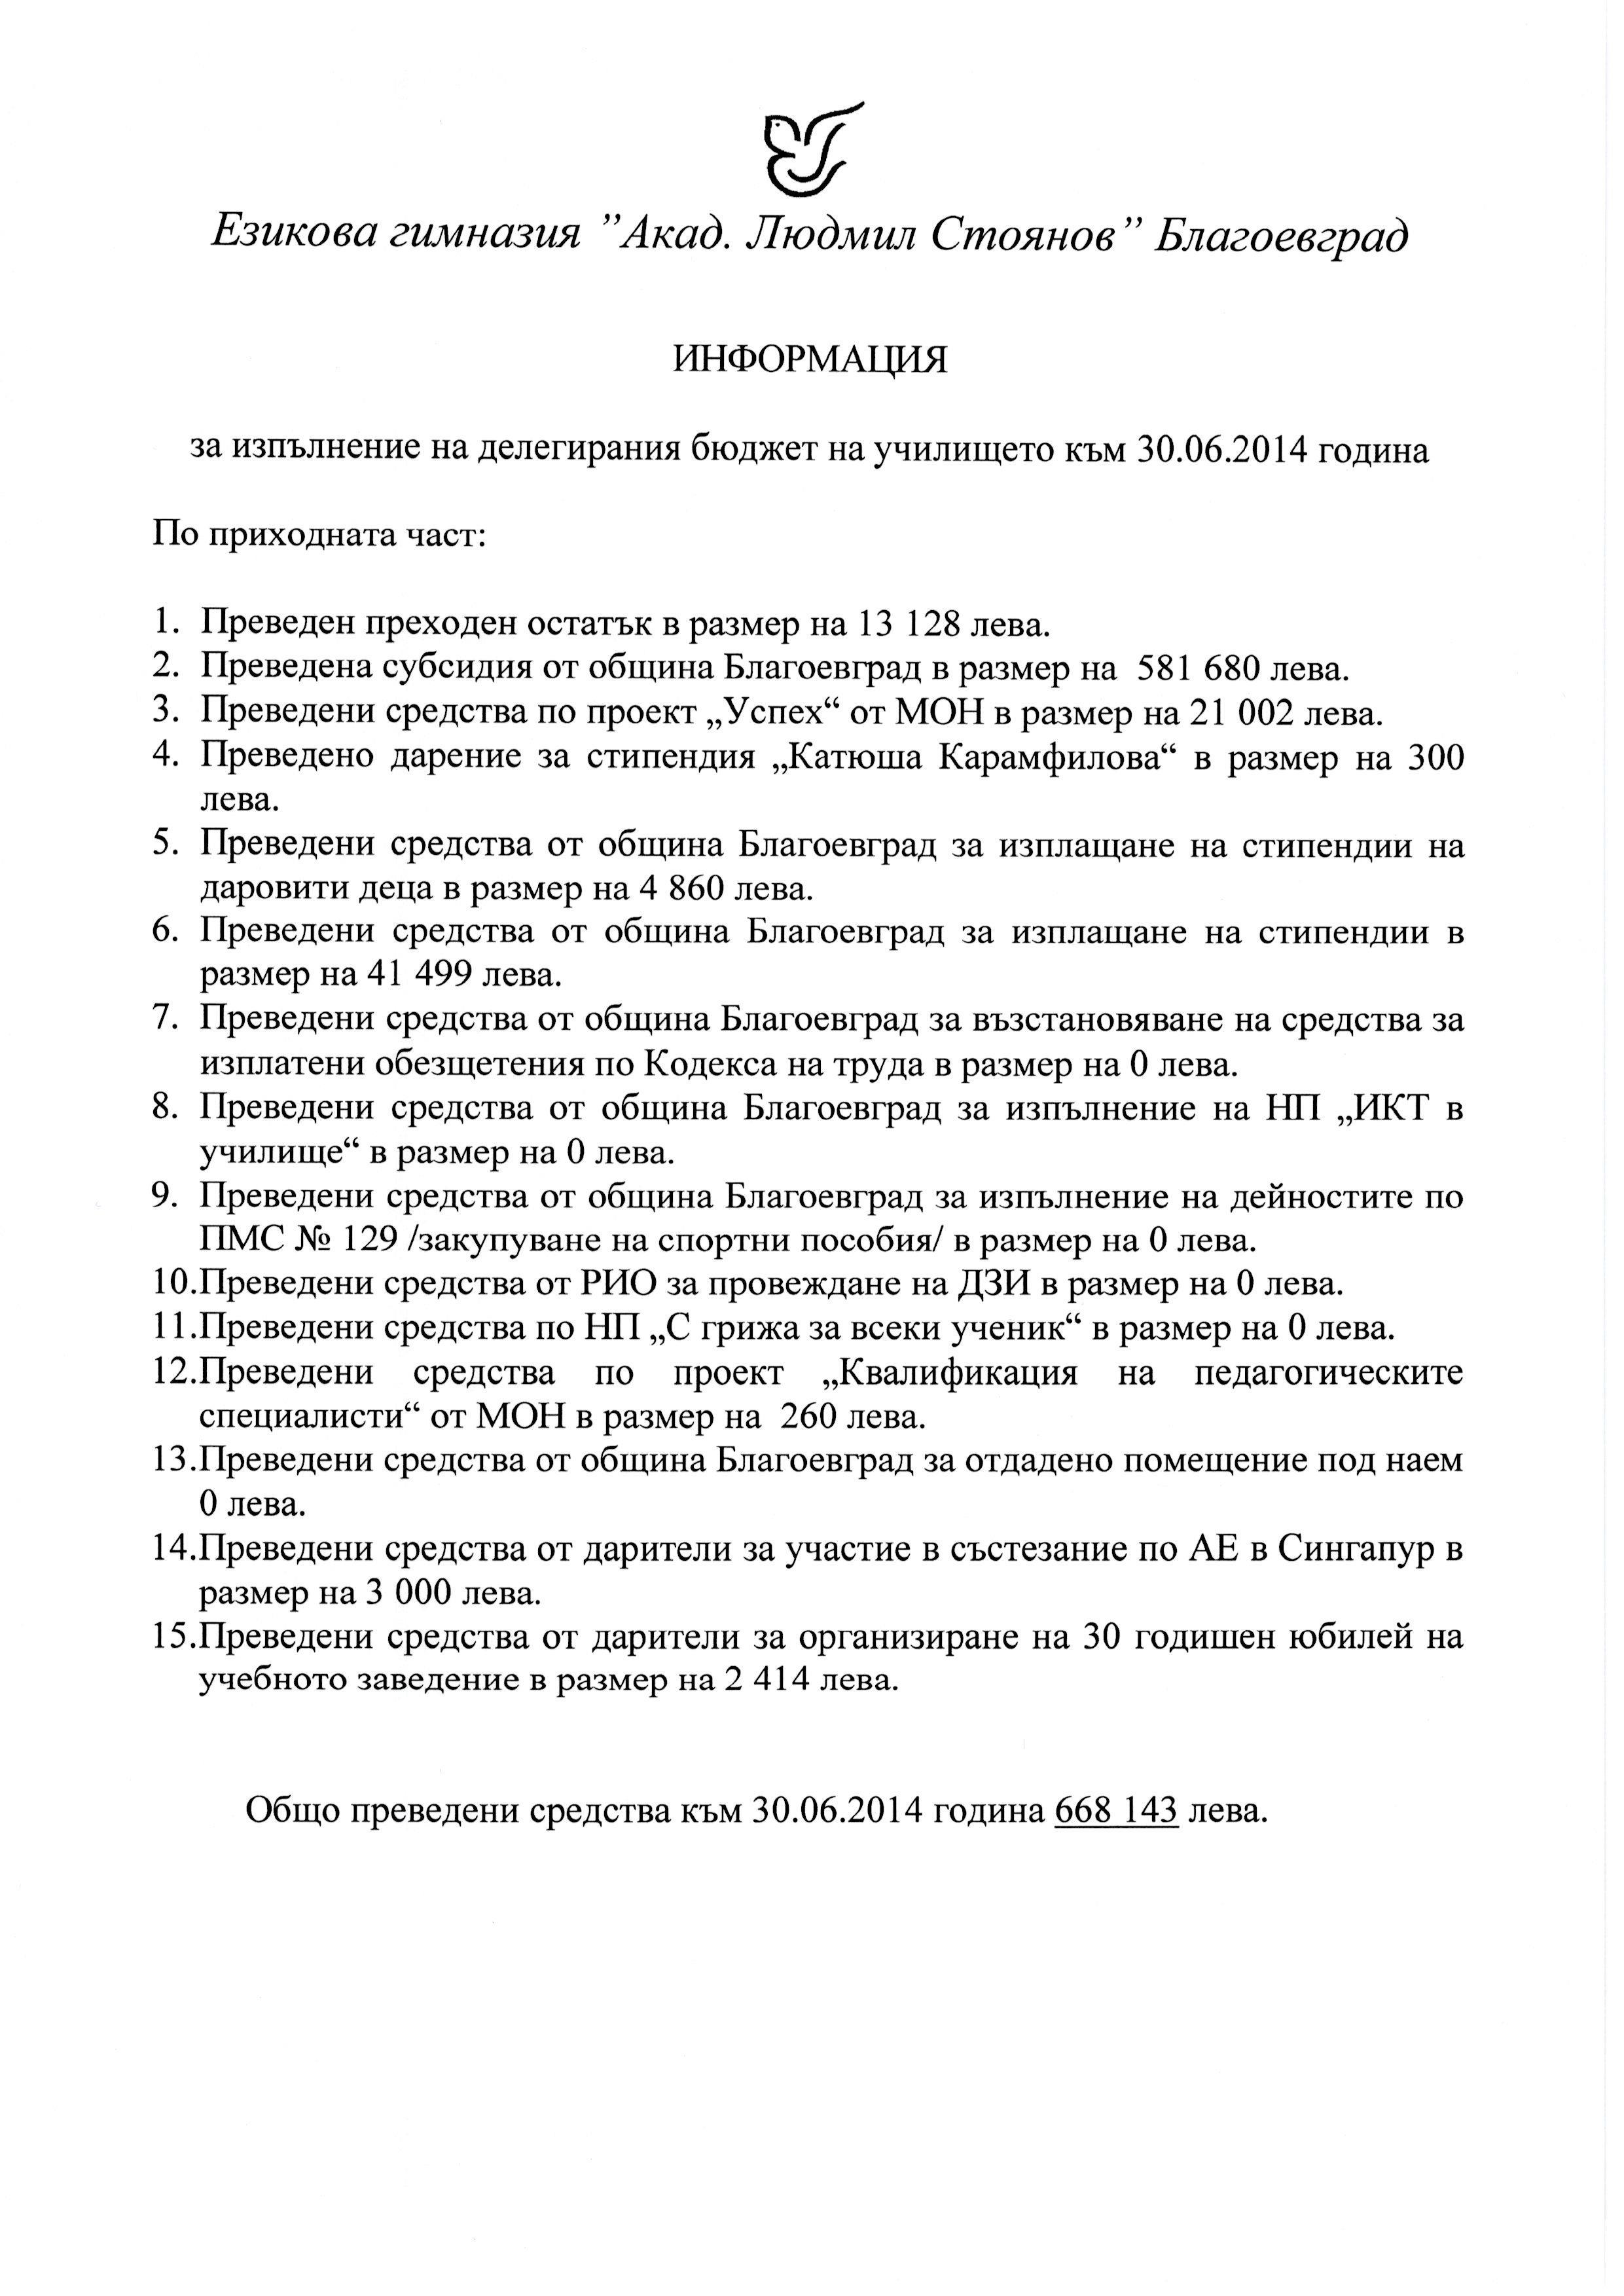 otchet 30.06.2014 Page 01